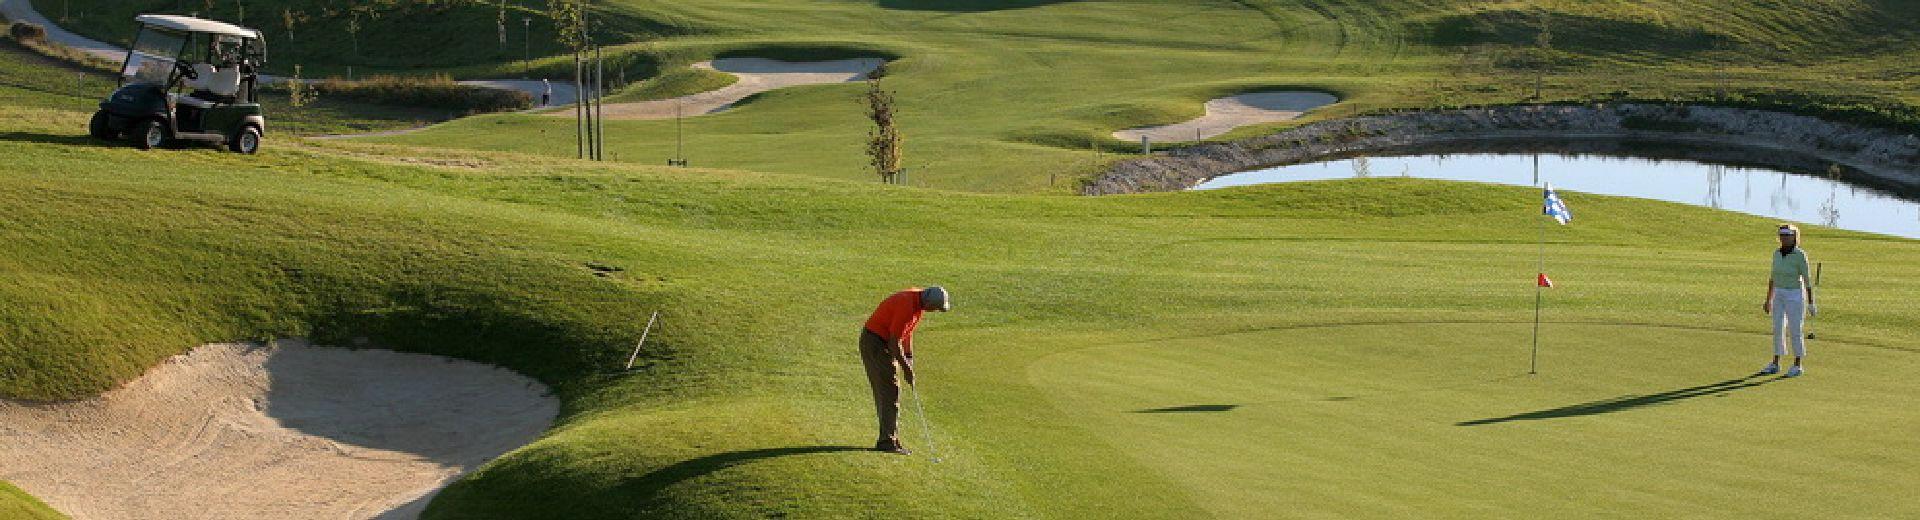 Golfclub Sägmühle